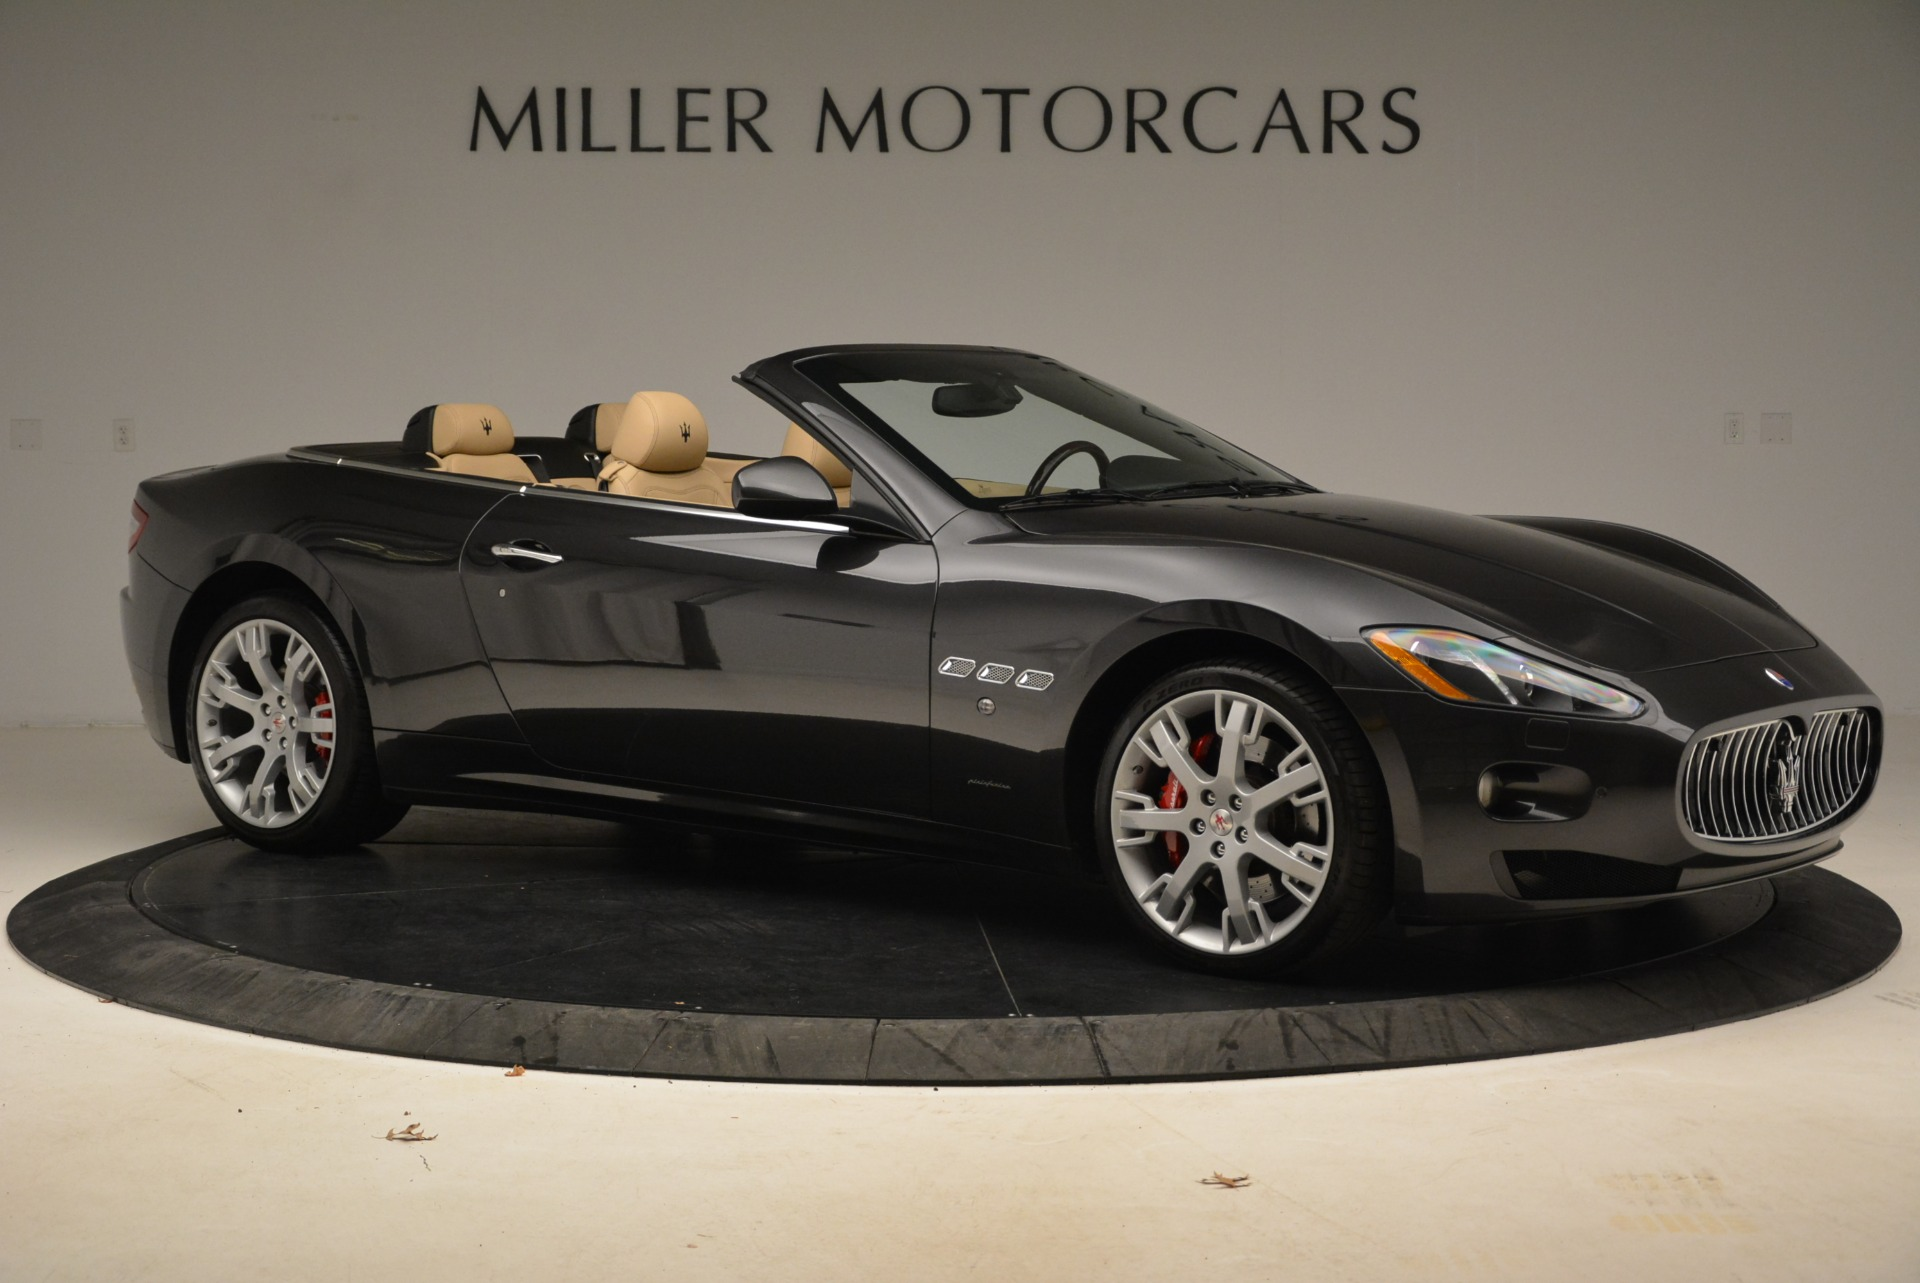 Used 2013 Maserati GranTurismo Convertible  For Sale In Greenwich, CT 2050_p10